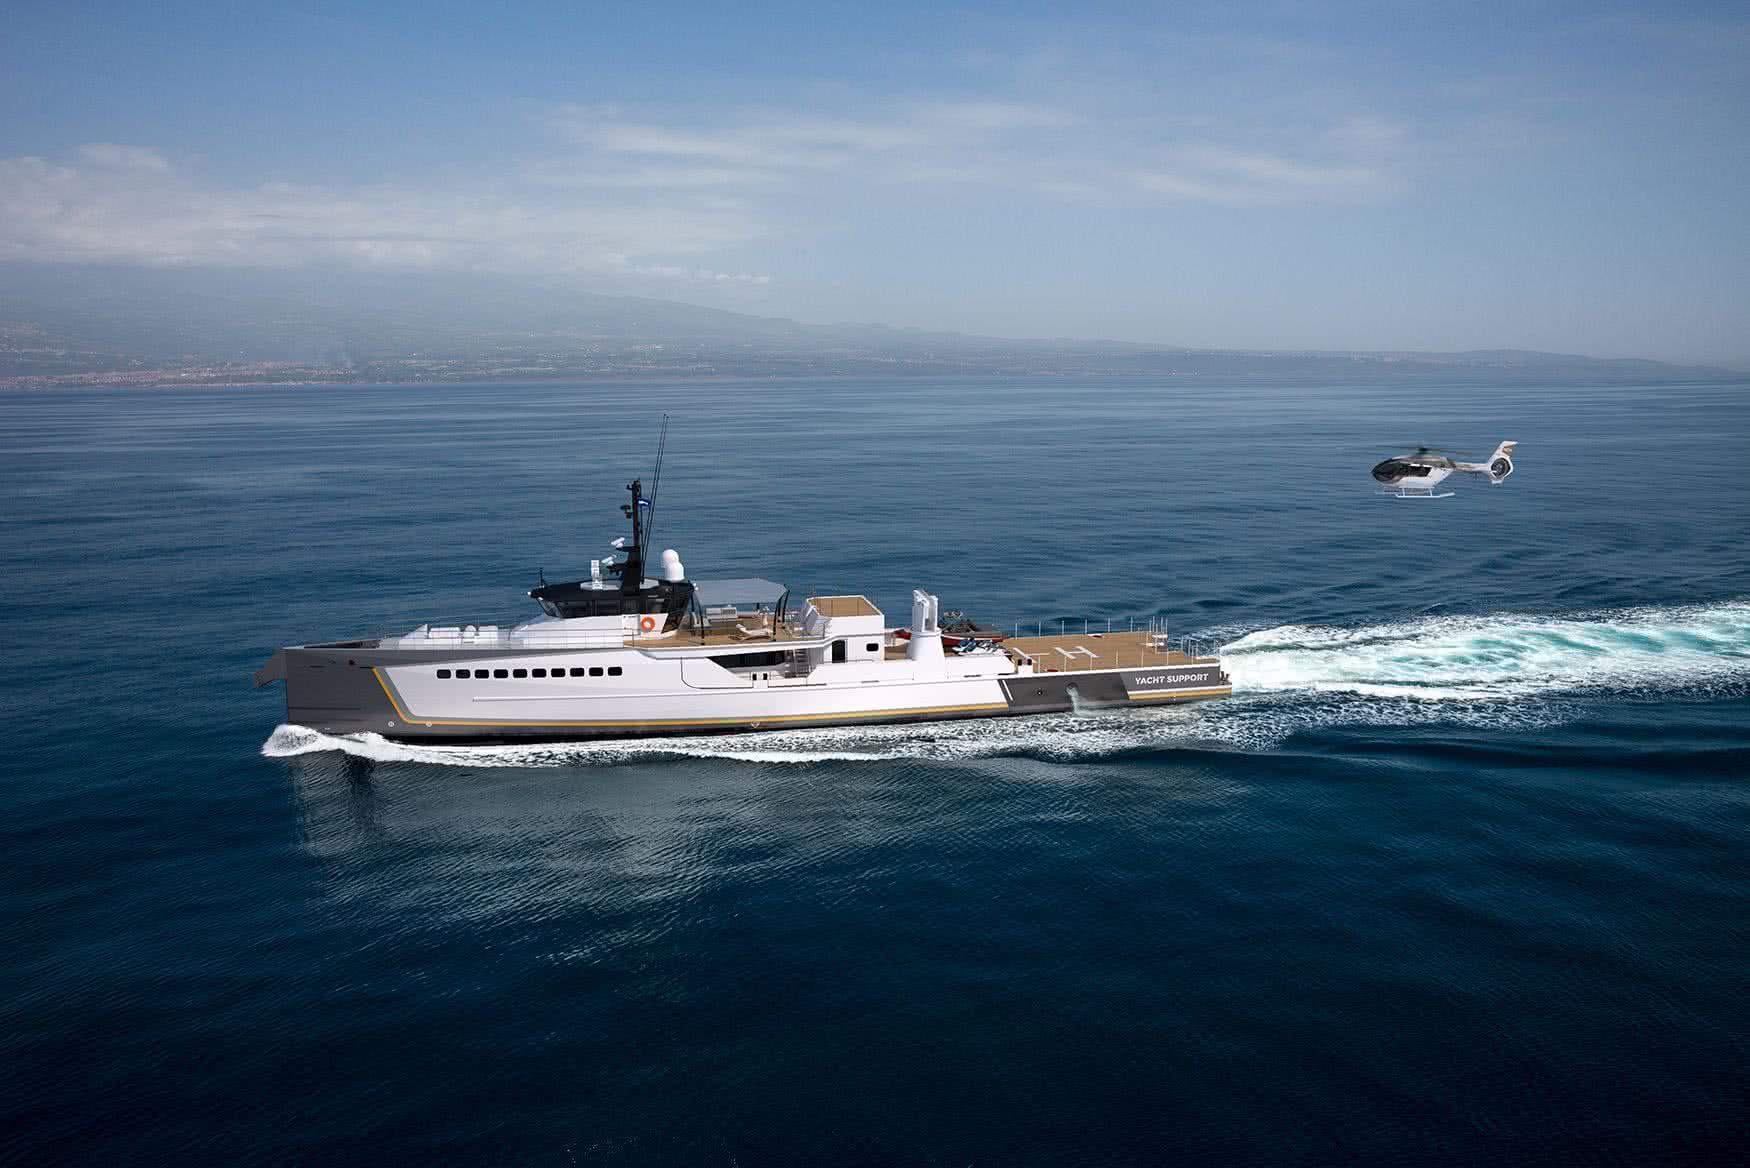 Blue Ocean Damen Yacht Support